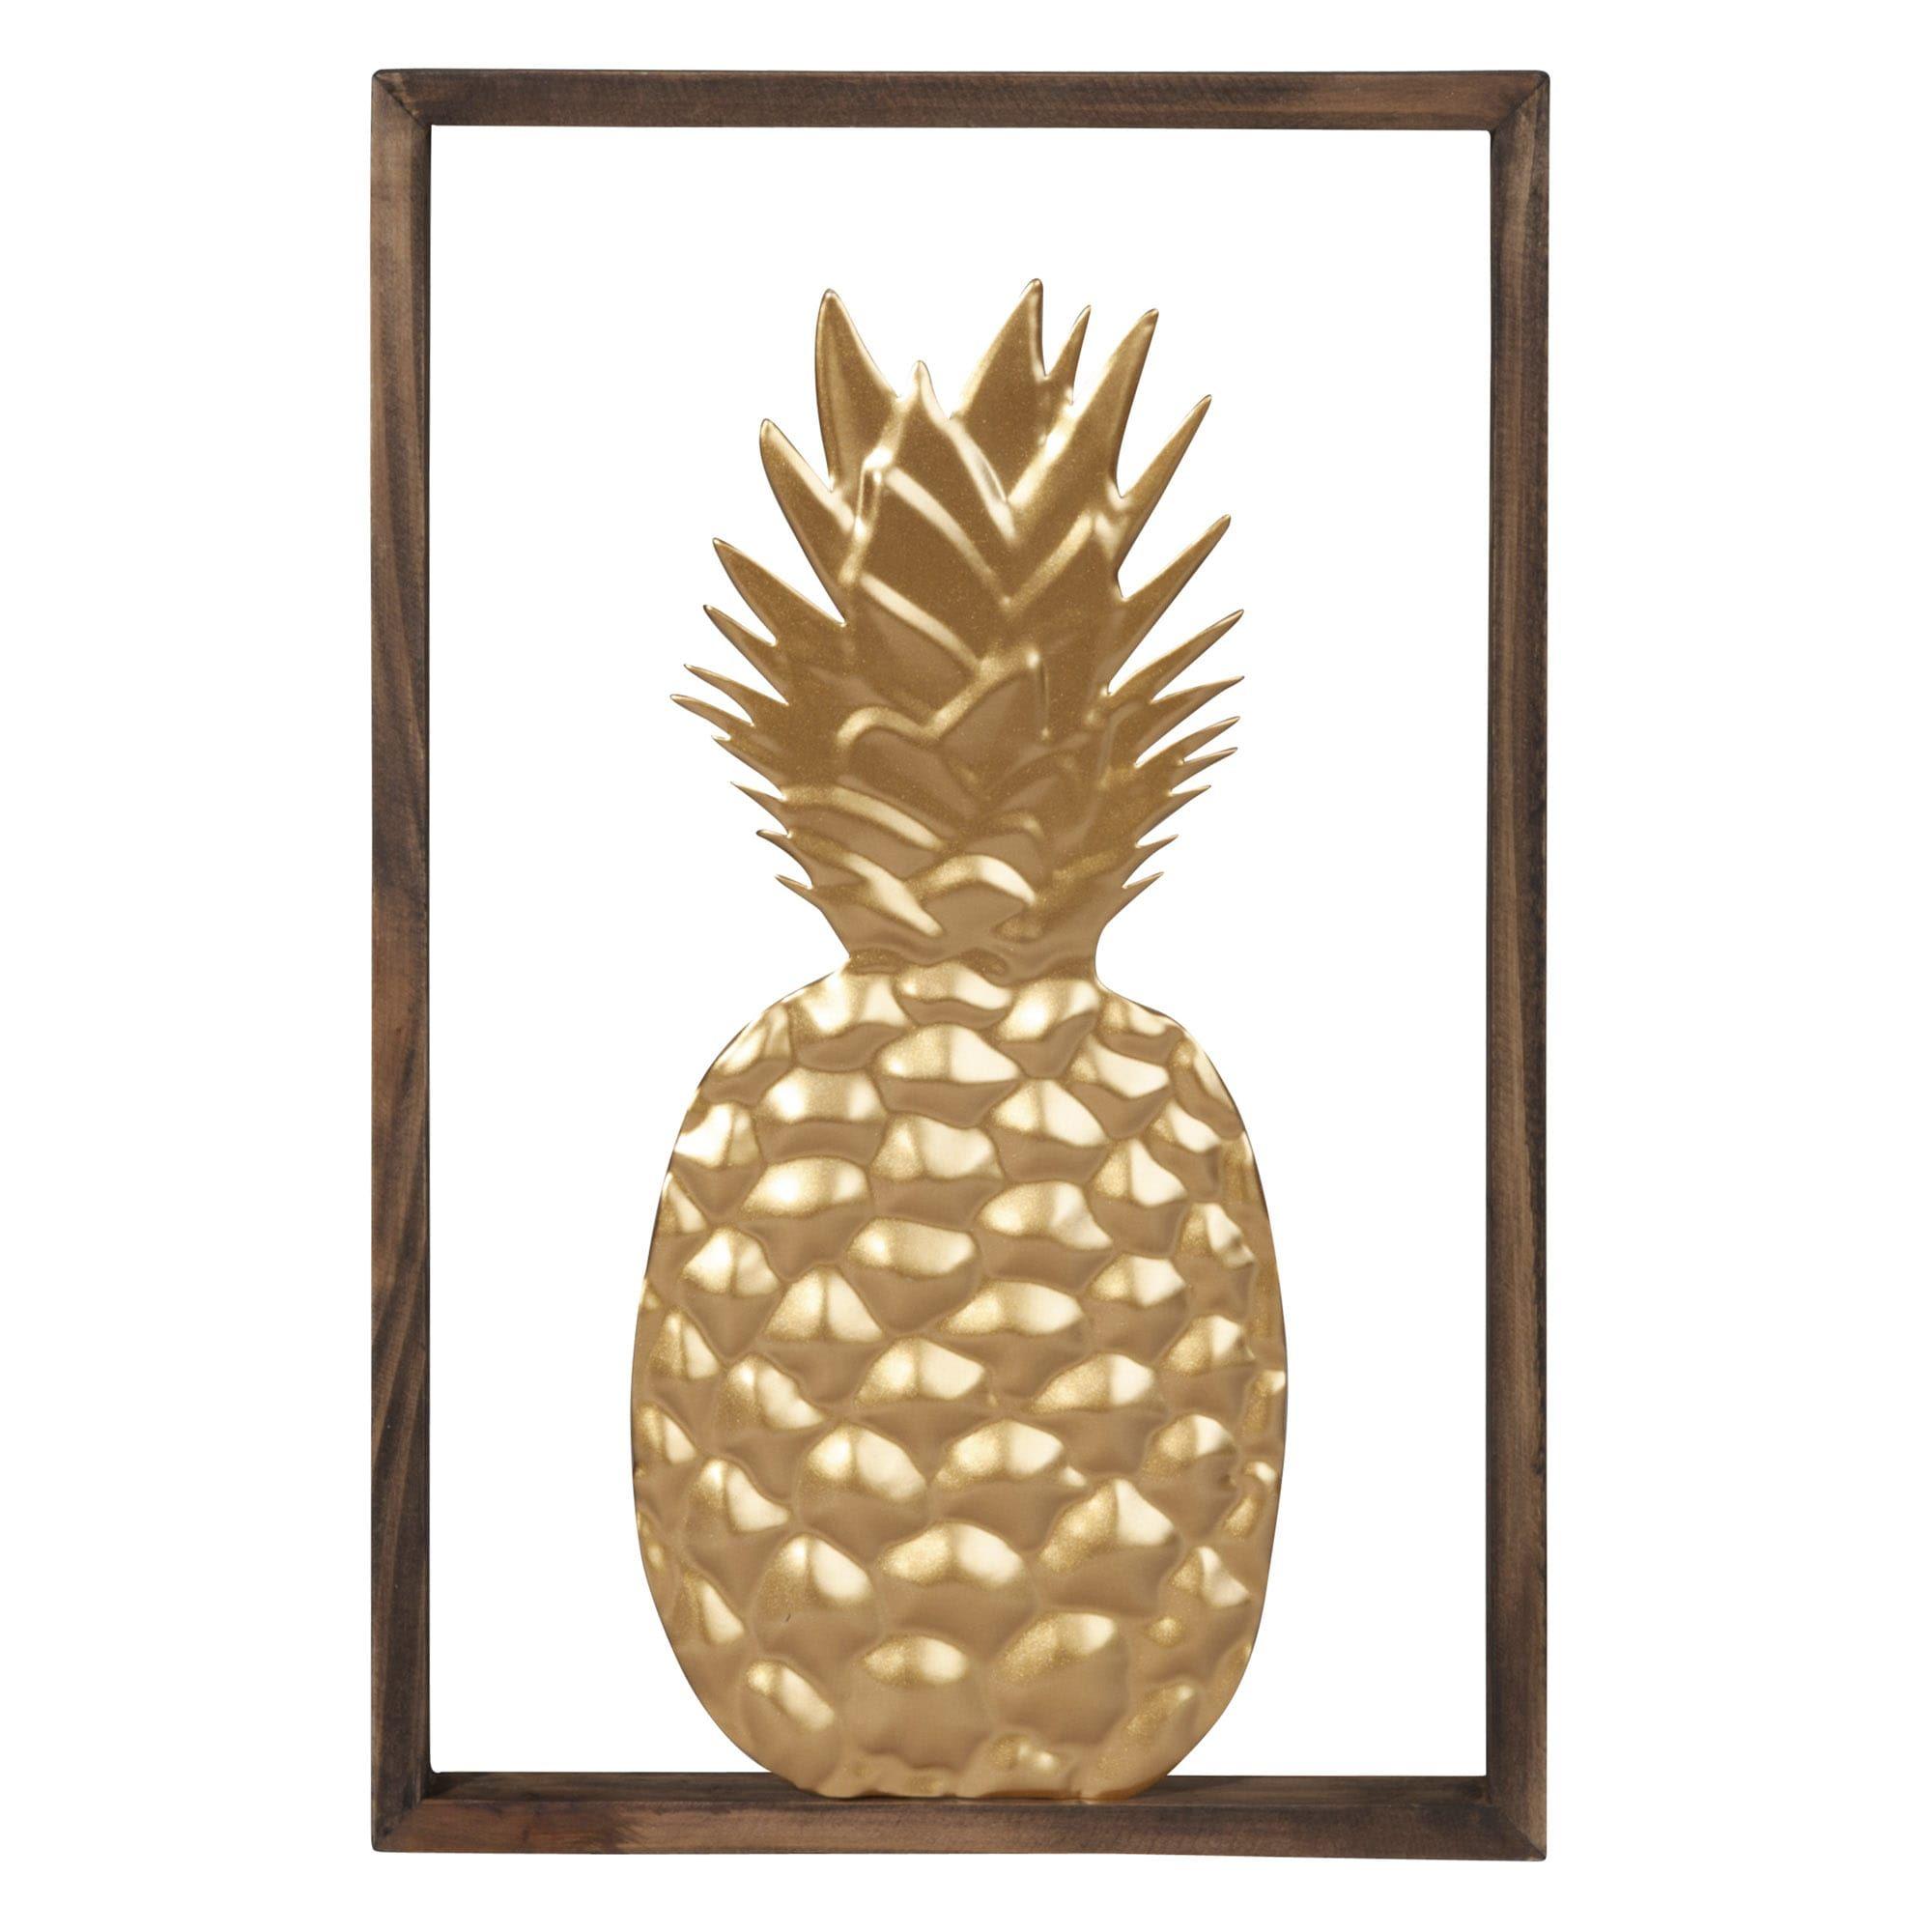 Bild Ananas Aus Metall Goldfarben 20 X 30 Jetzt Bestellen Unter: Https://